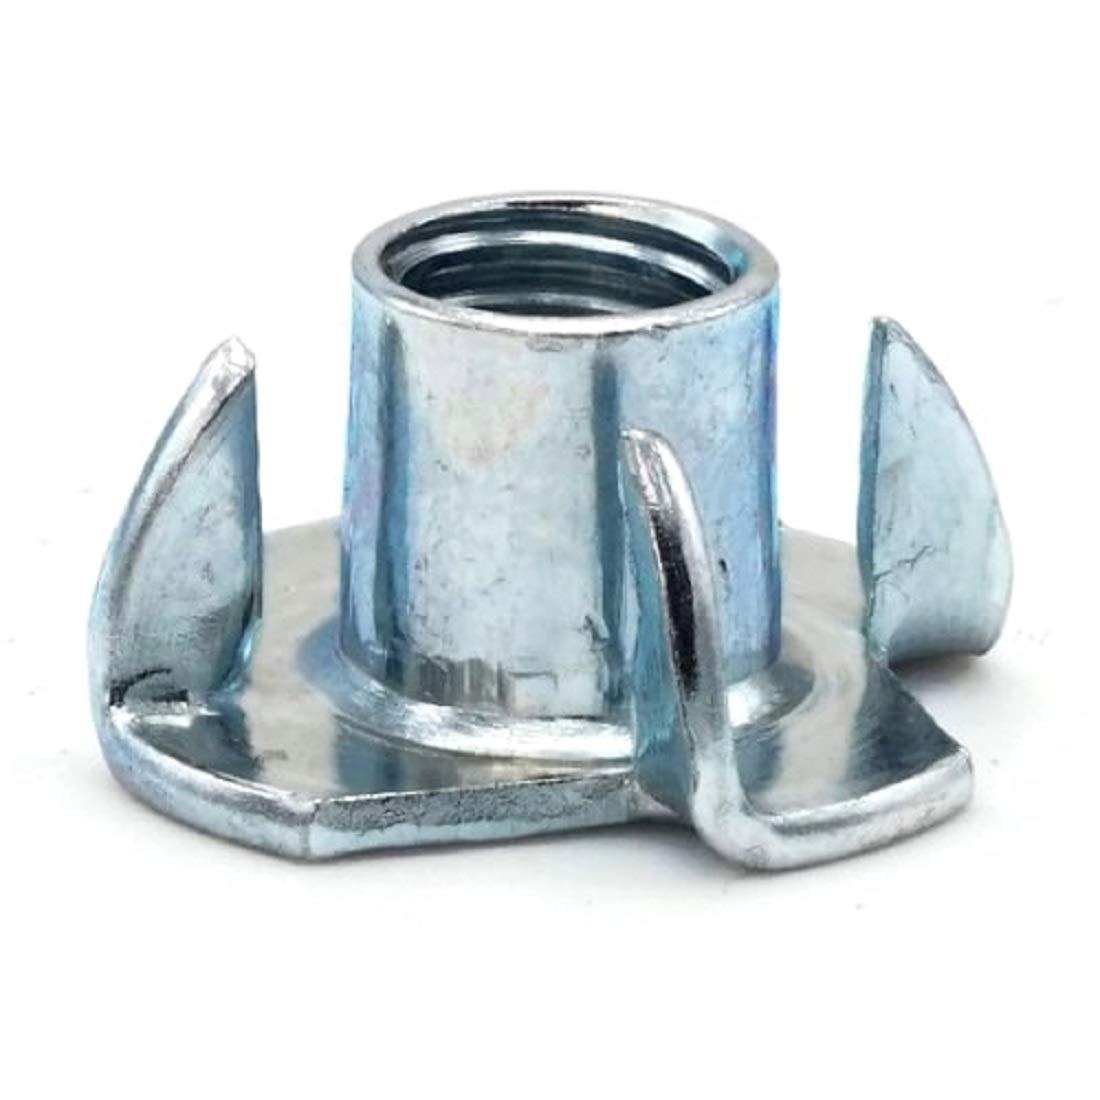 T-Nuts Zinc Plated Steel - #10-24 x 5/16